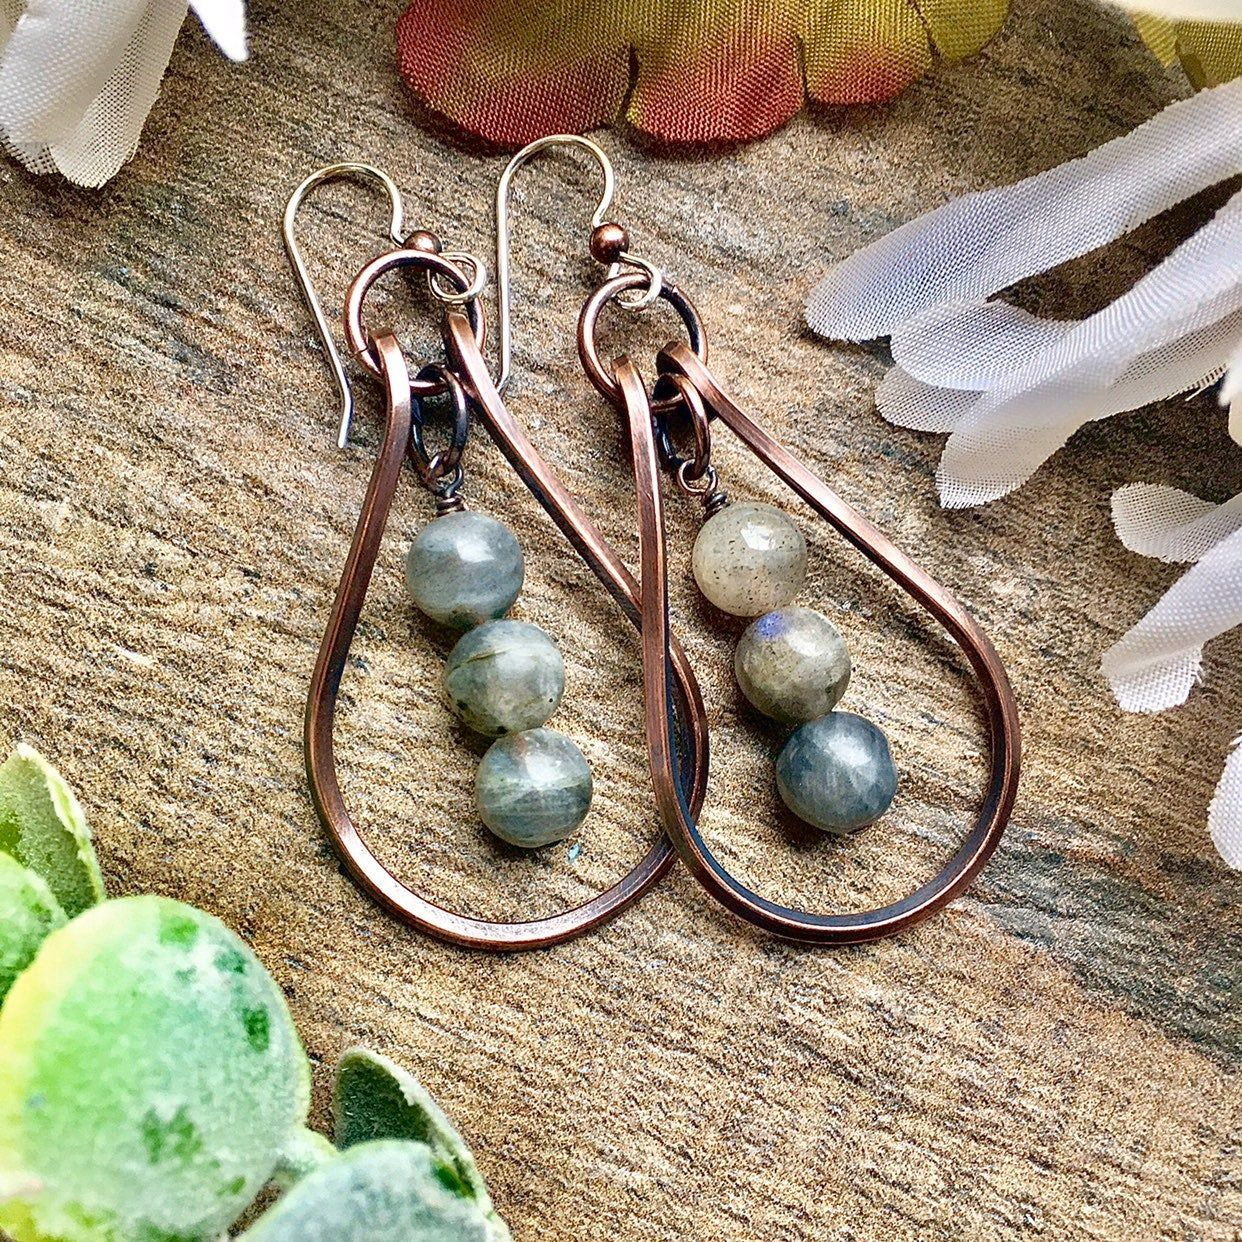 Nature Earrings Jade and Pearl Earrings Antiqued Copper Earrings Jade Earrings Boho Earrings Gemstone Earrings